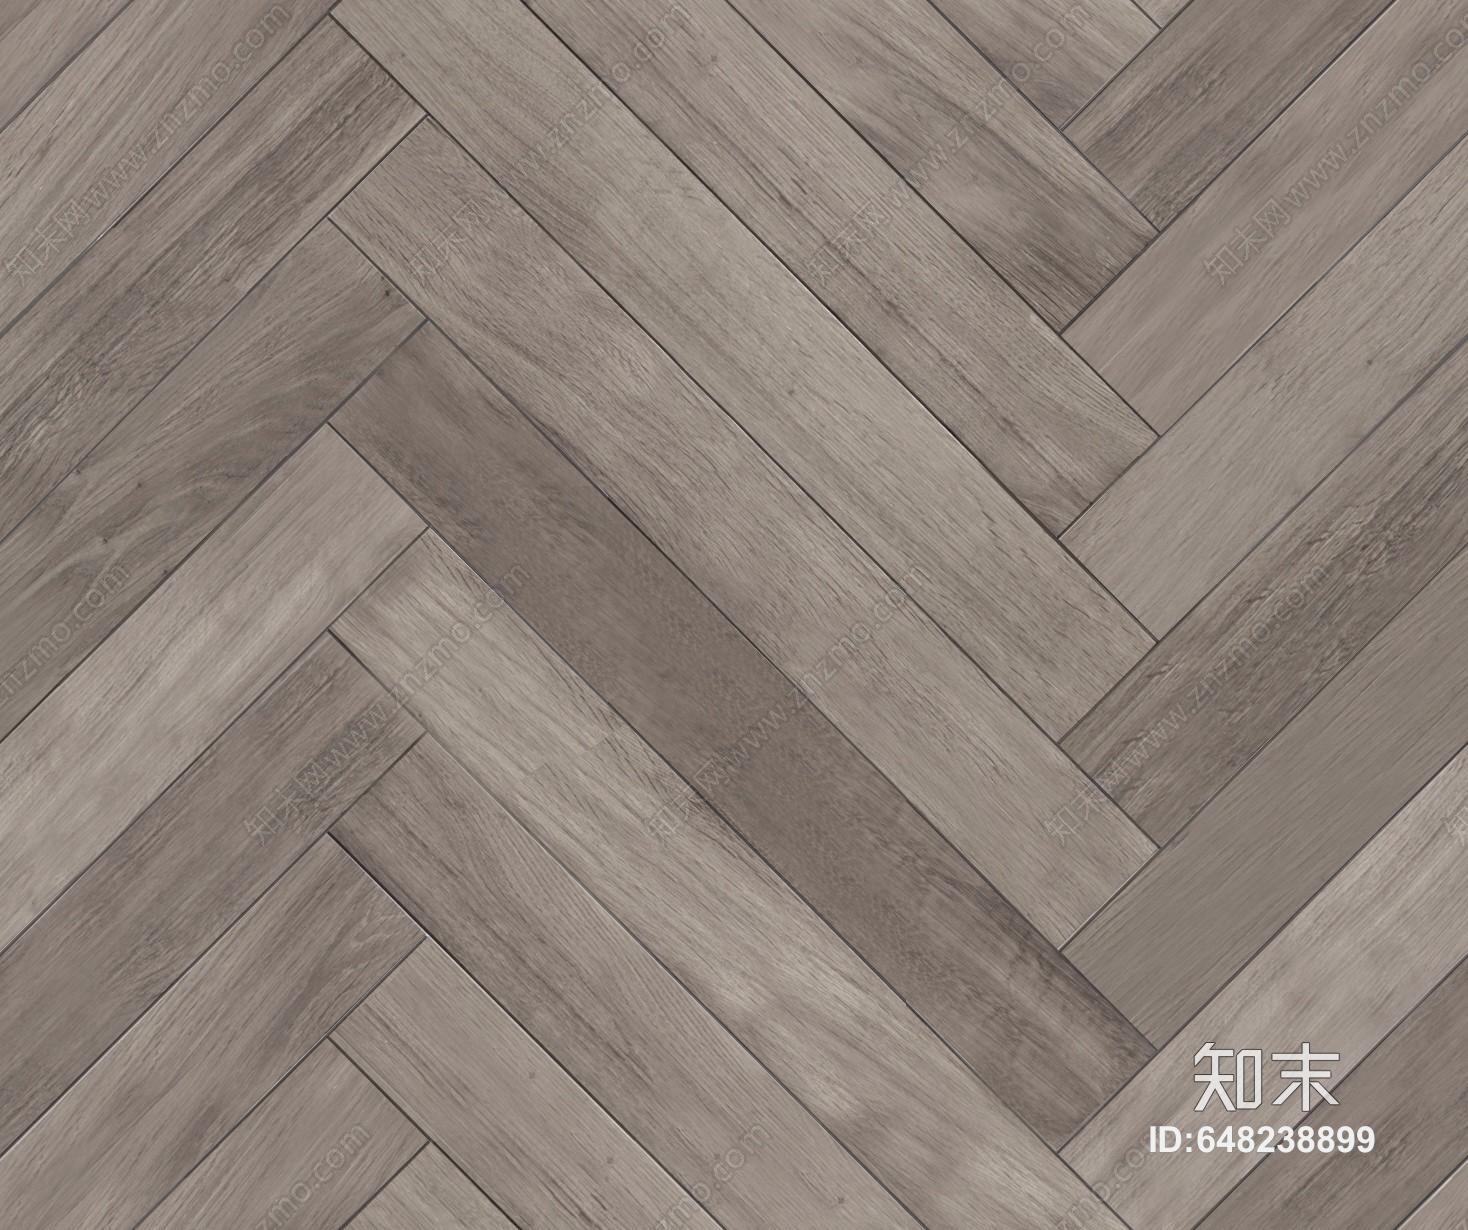 鱼骨纹木地板